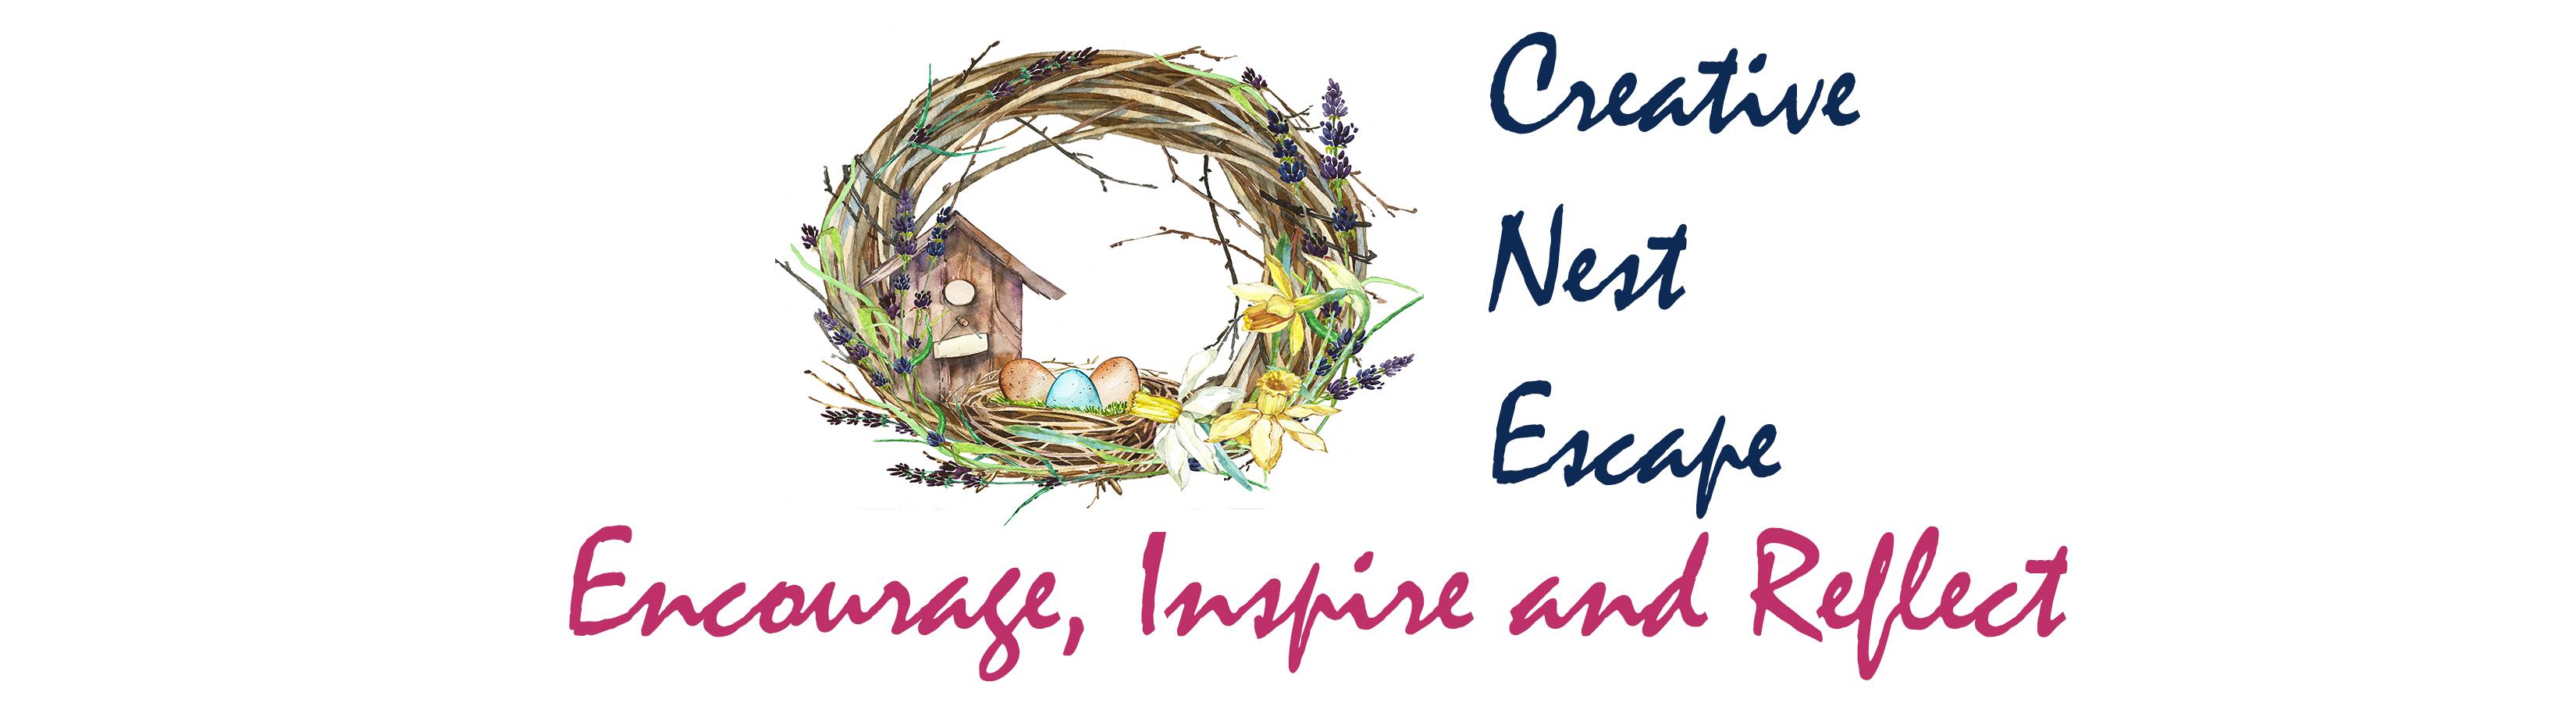 Creative Nest Escape